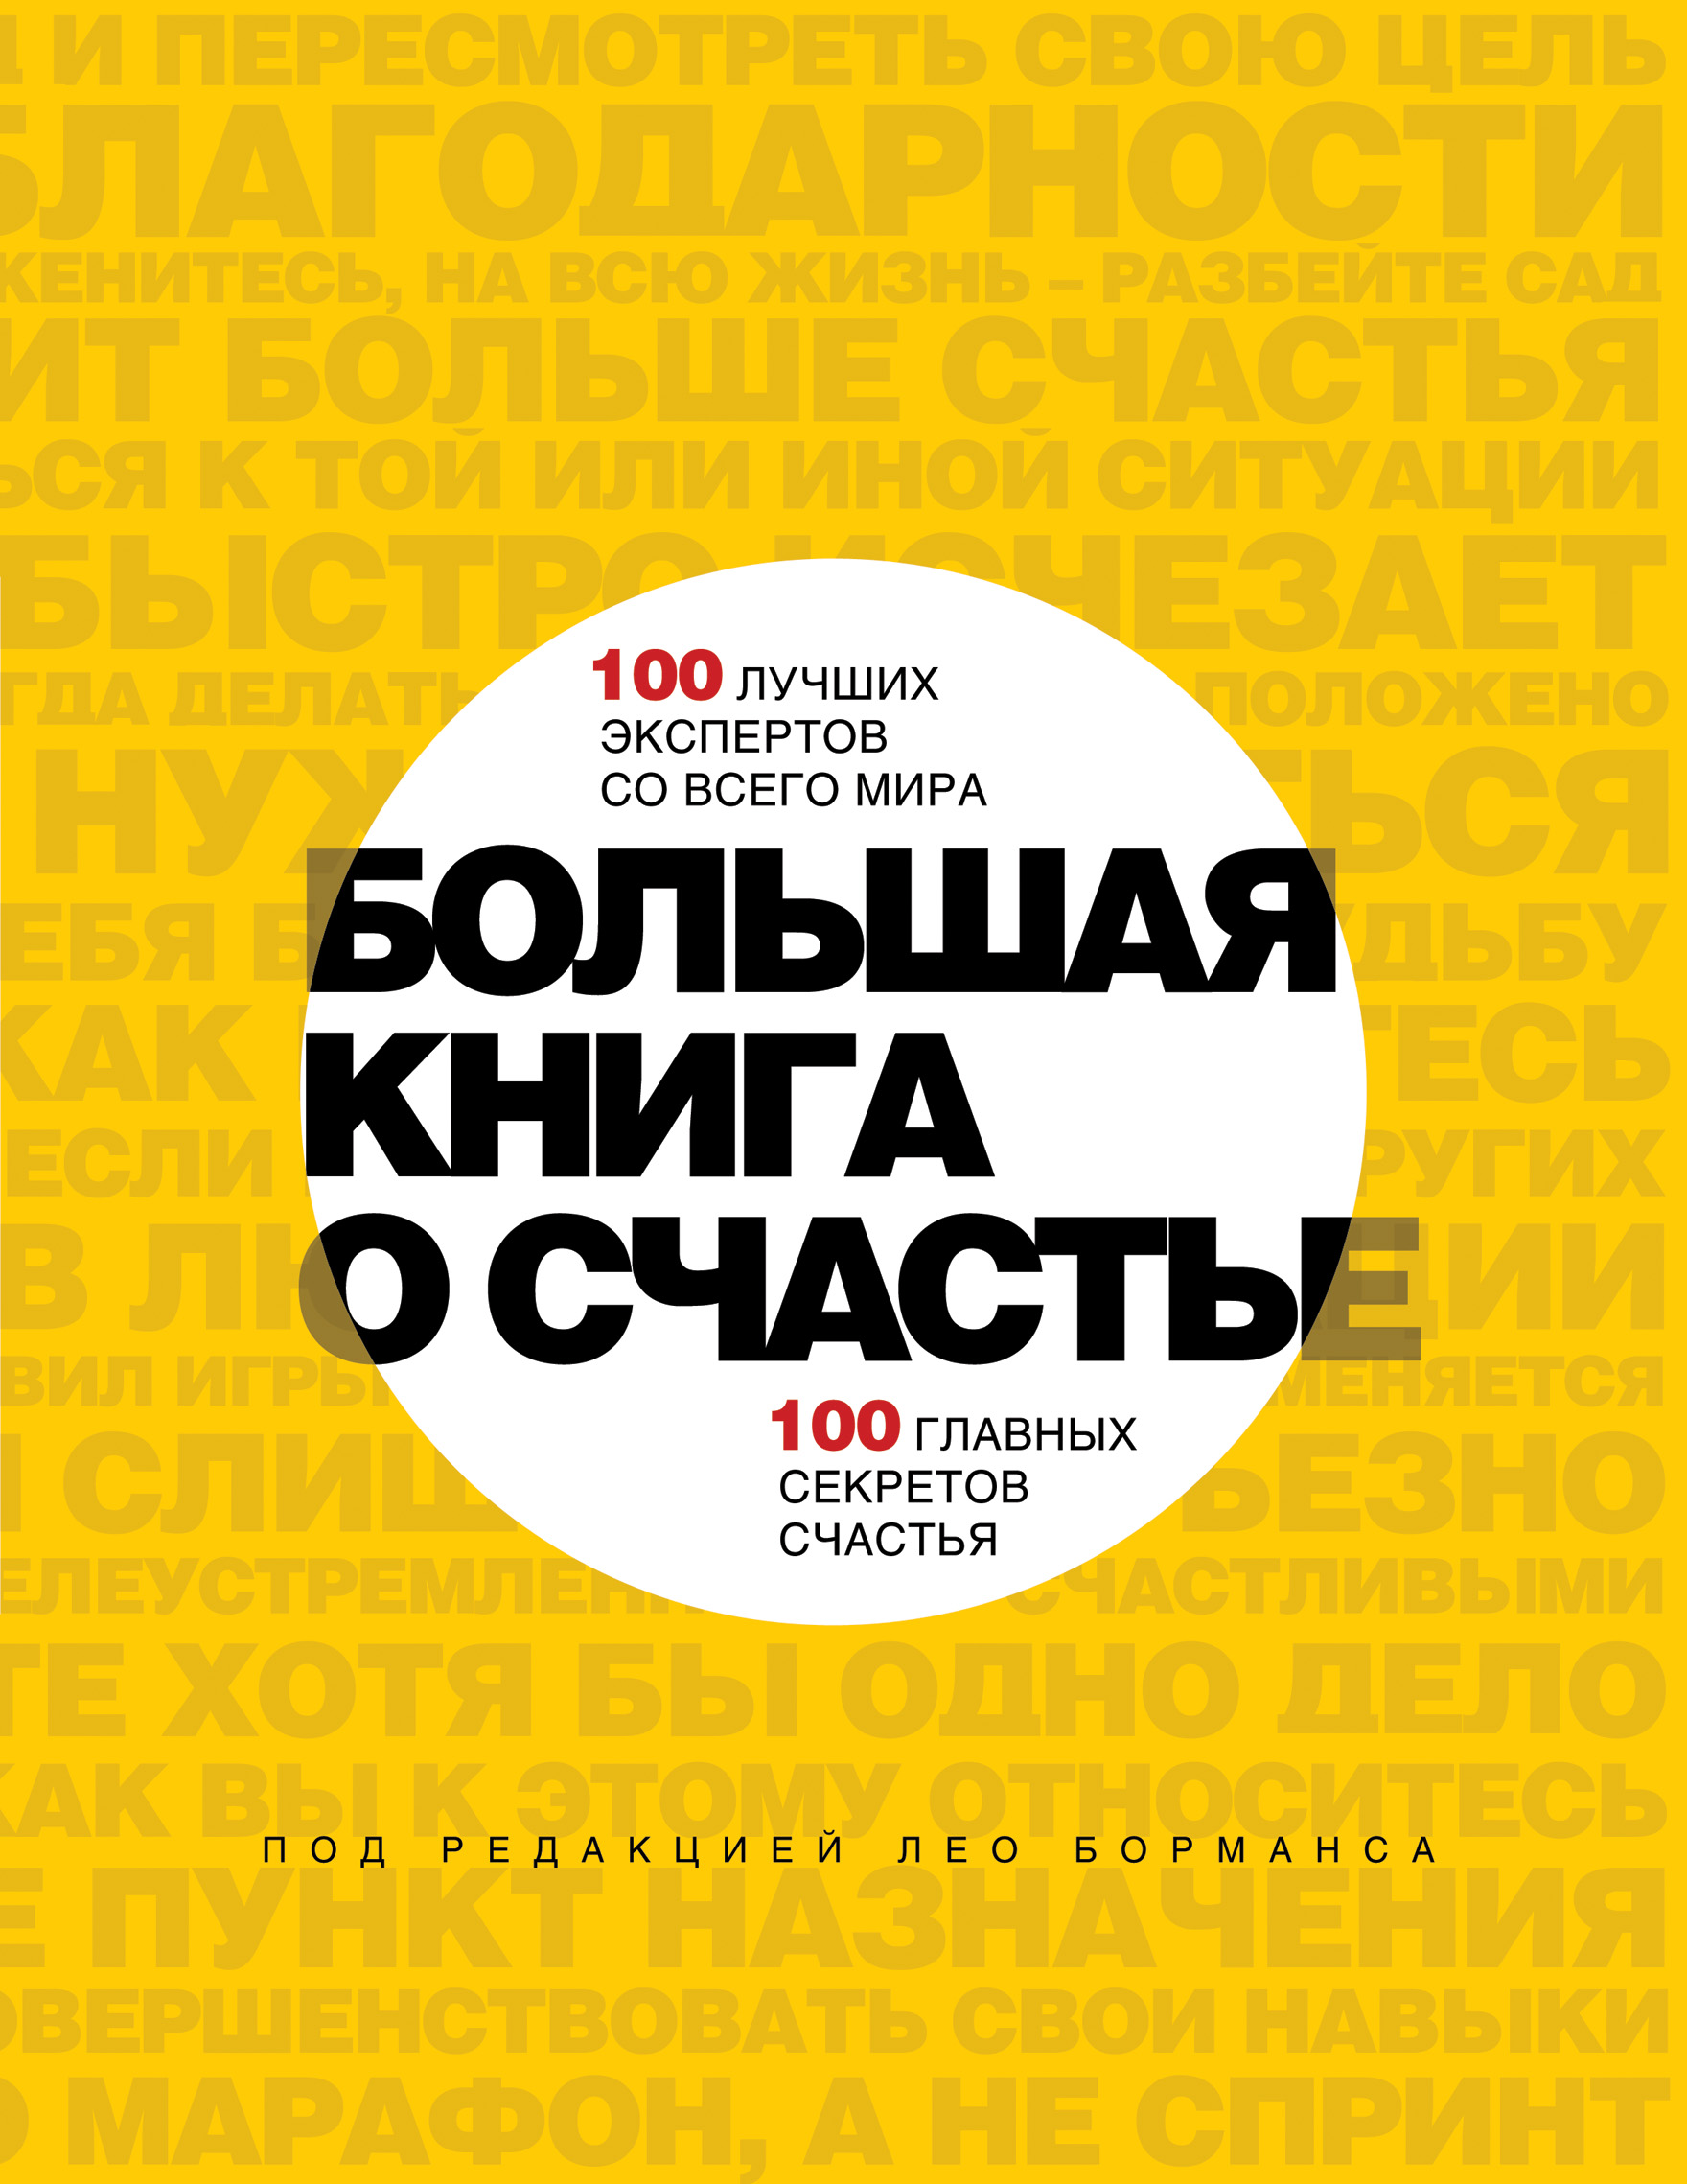 Борманс Лео Большая книга о счастье. 100 лучших экспертов со всего мира, 100 главных секретов счастья андрушкевич ю 100 удивительных стран мира